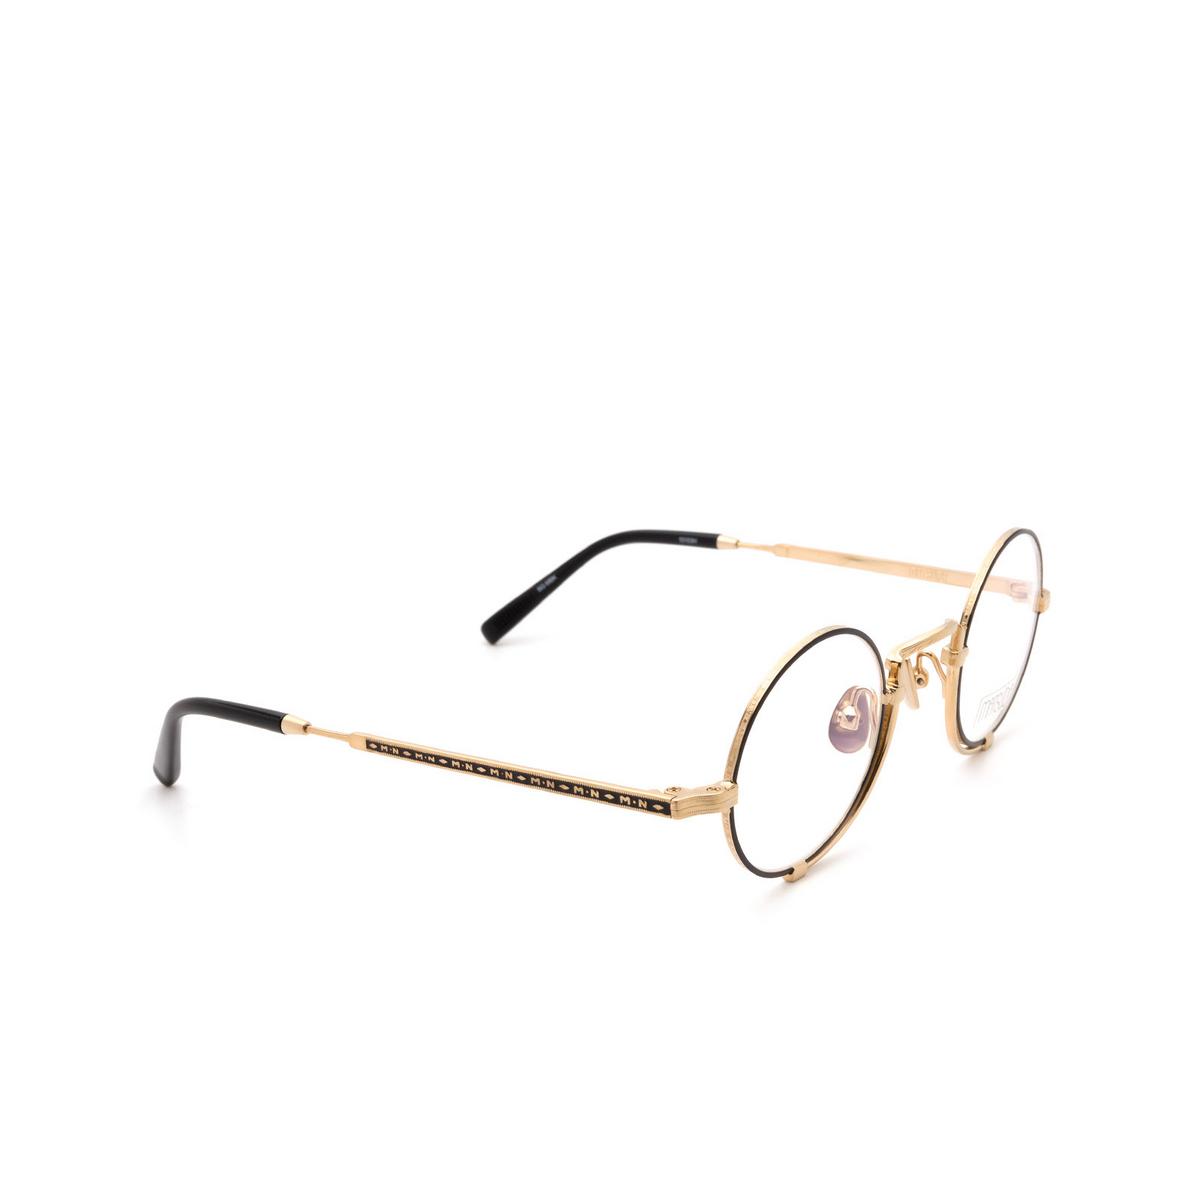 Matsuda® Round Eyeglasses: 10103H color Brushed Gold / Matte Black Bg-mbk.